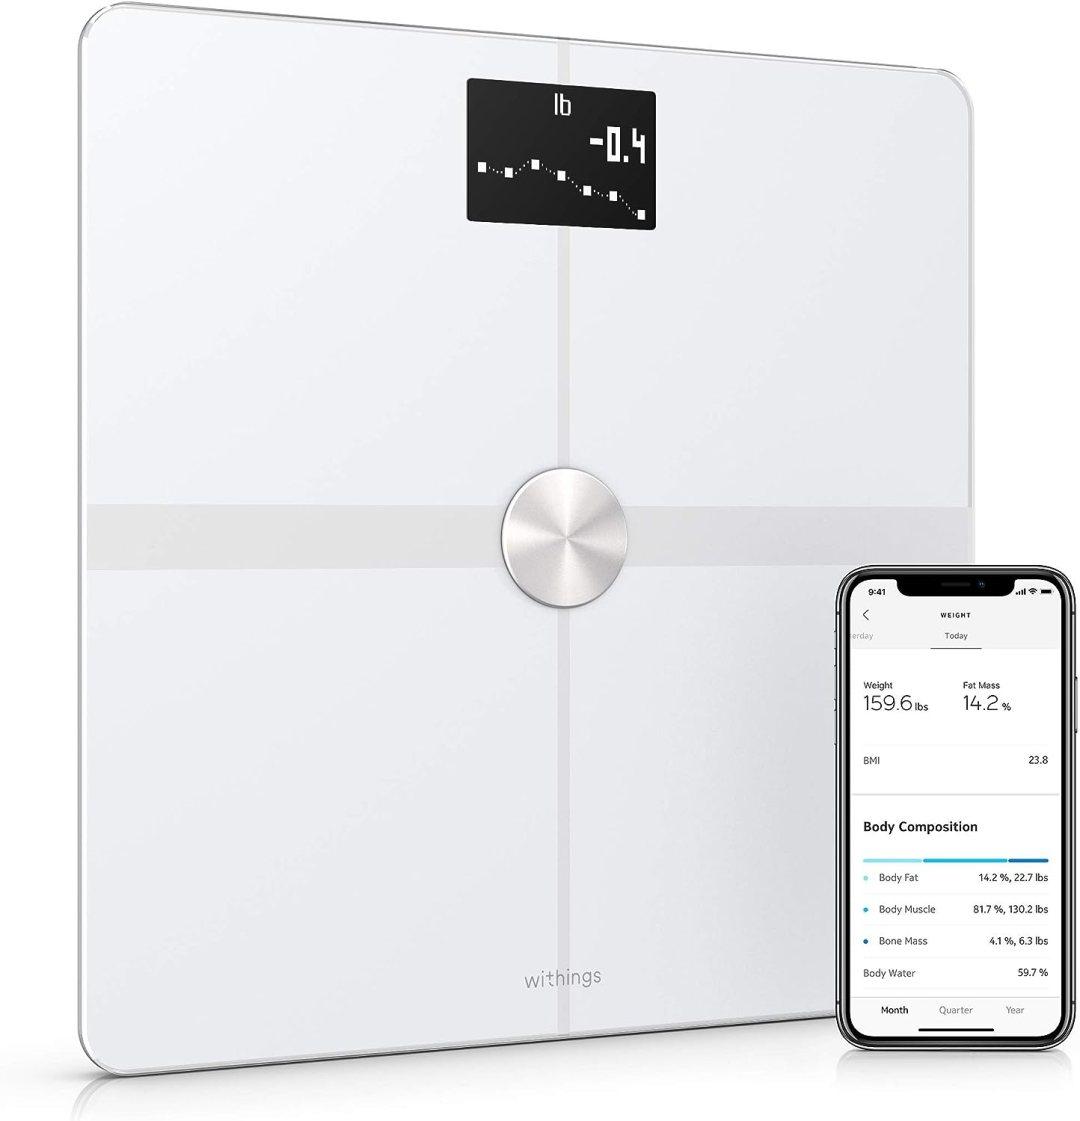 Withings Body+ - Balance connectée WiFi & Bluetooth avec analyse de la composition corporelle (poids, masse grasse/musculaire/osseuse, % d'eau), pèse personne impédancemètre multi-utilisateurs